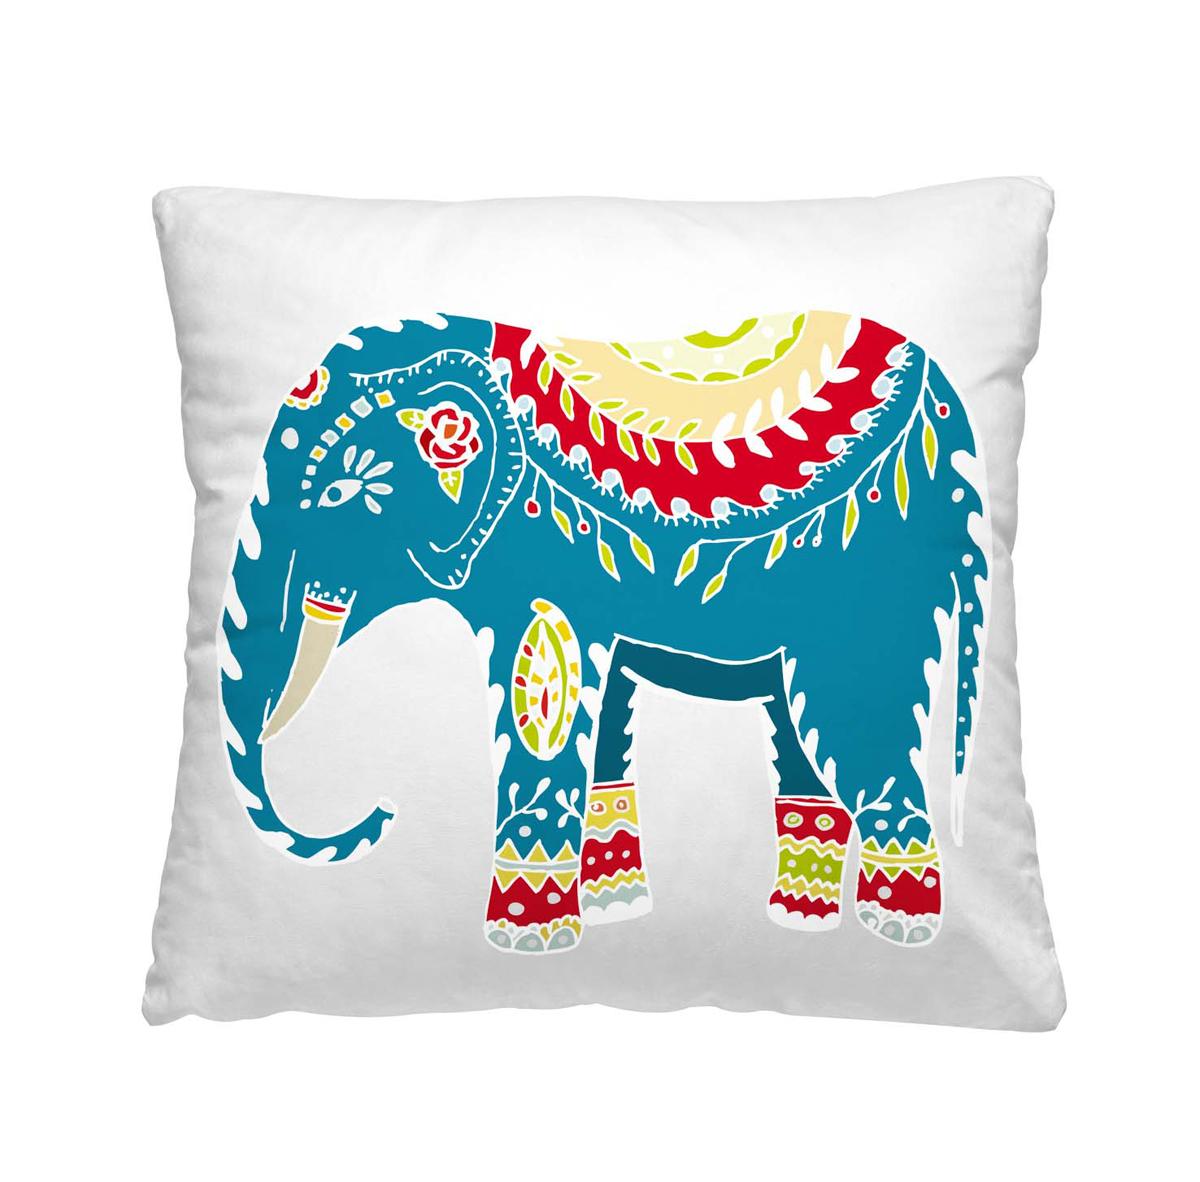 Подушка декоративная Волшебная ночь Индийский слон, 40 х 40 смCLP446Декоративная подушка Волшебная ночь Индийский слон прекрасно дополнит интерьер спальни или гостиной. Чехол подушки выполнен из 100% полиэстера. Лицевая сторона украшена красивым рисунком. Наполнитель - полиэстер.Красивая подушка создаст атмосферу уюта в доме и станет прекрасным элементом декора. Особенности изделия: - Съёмный чехол на молнии; - Наполнитель в индивидуальной наволочке; - Оборотная сторона из стёганого полотна для улучшения формоустойчивости.Размер: 40 x 40 см.